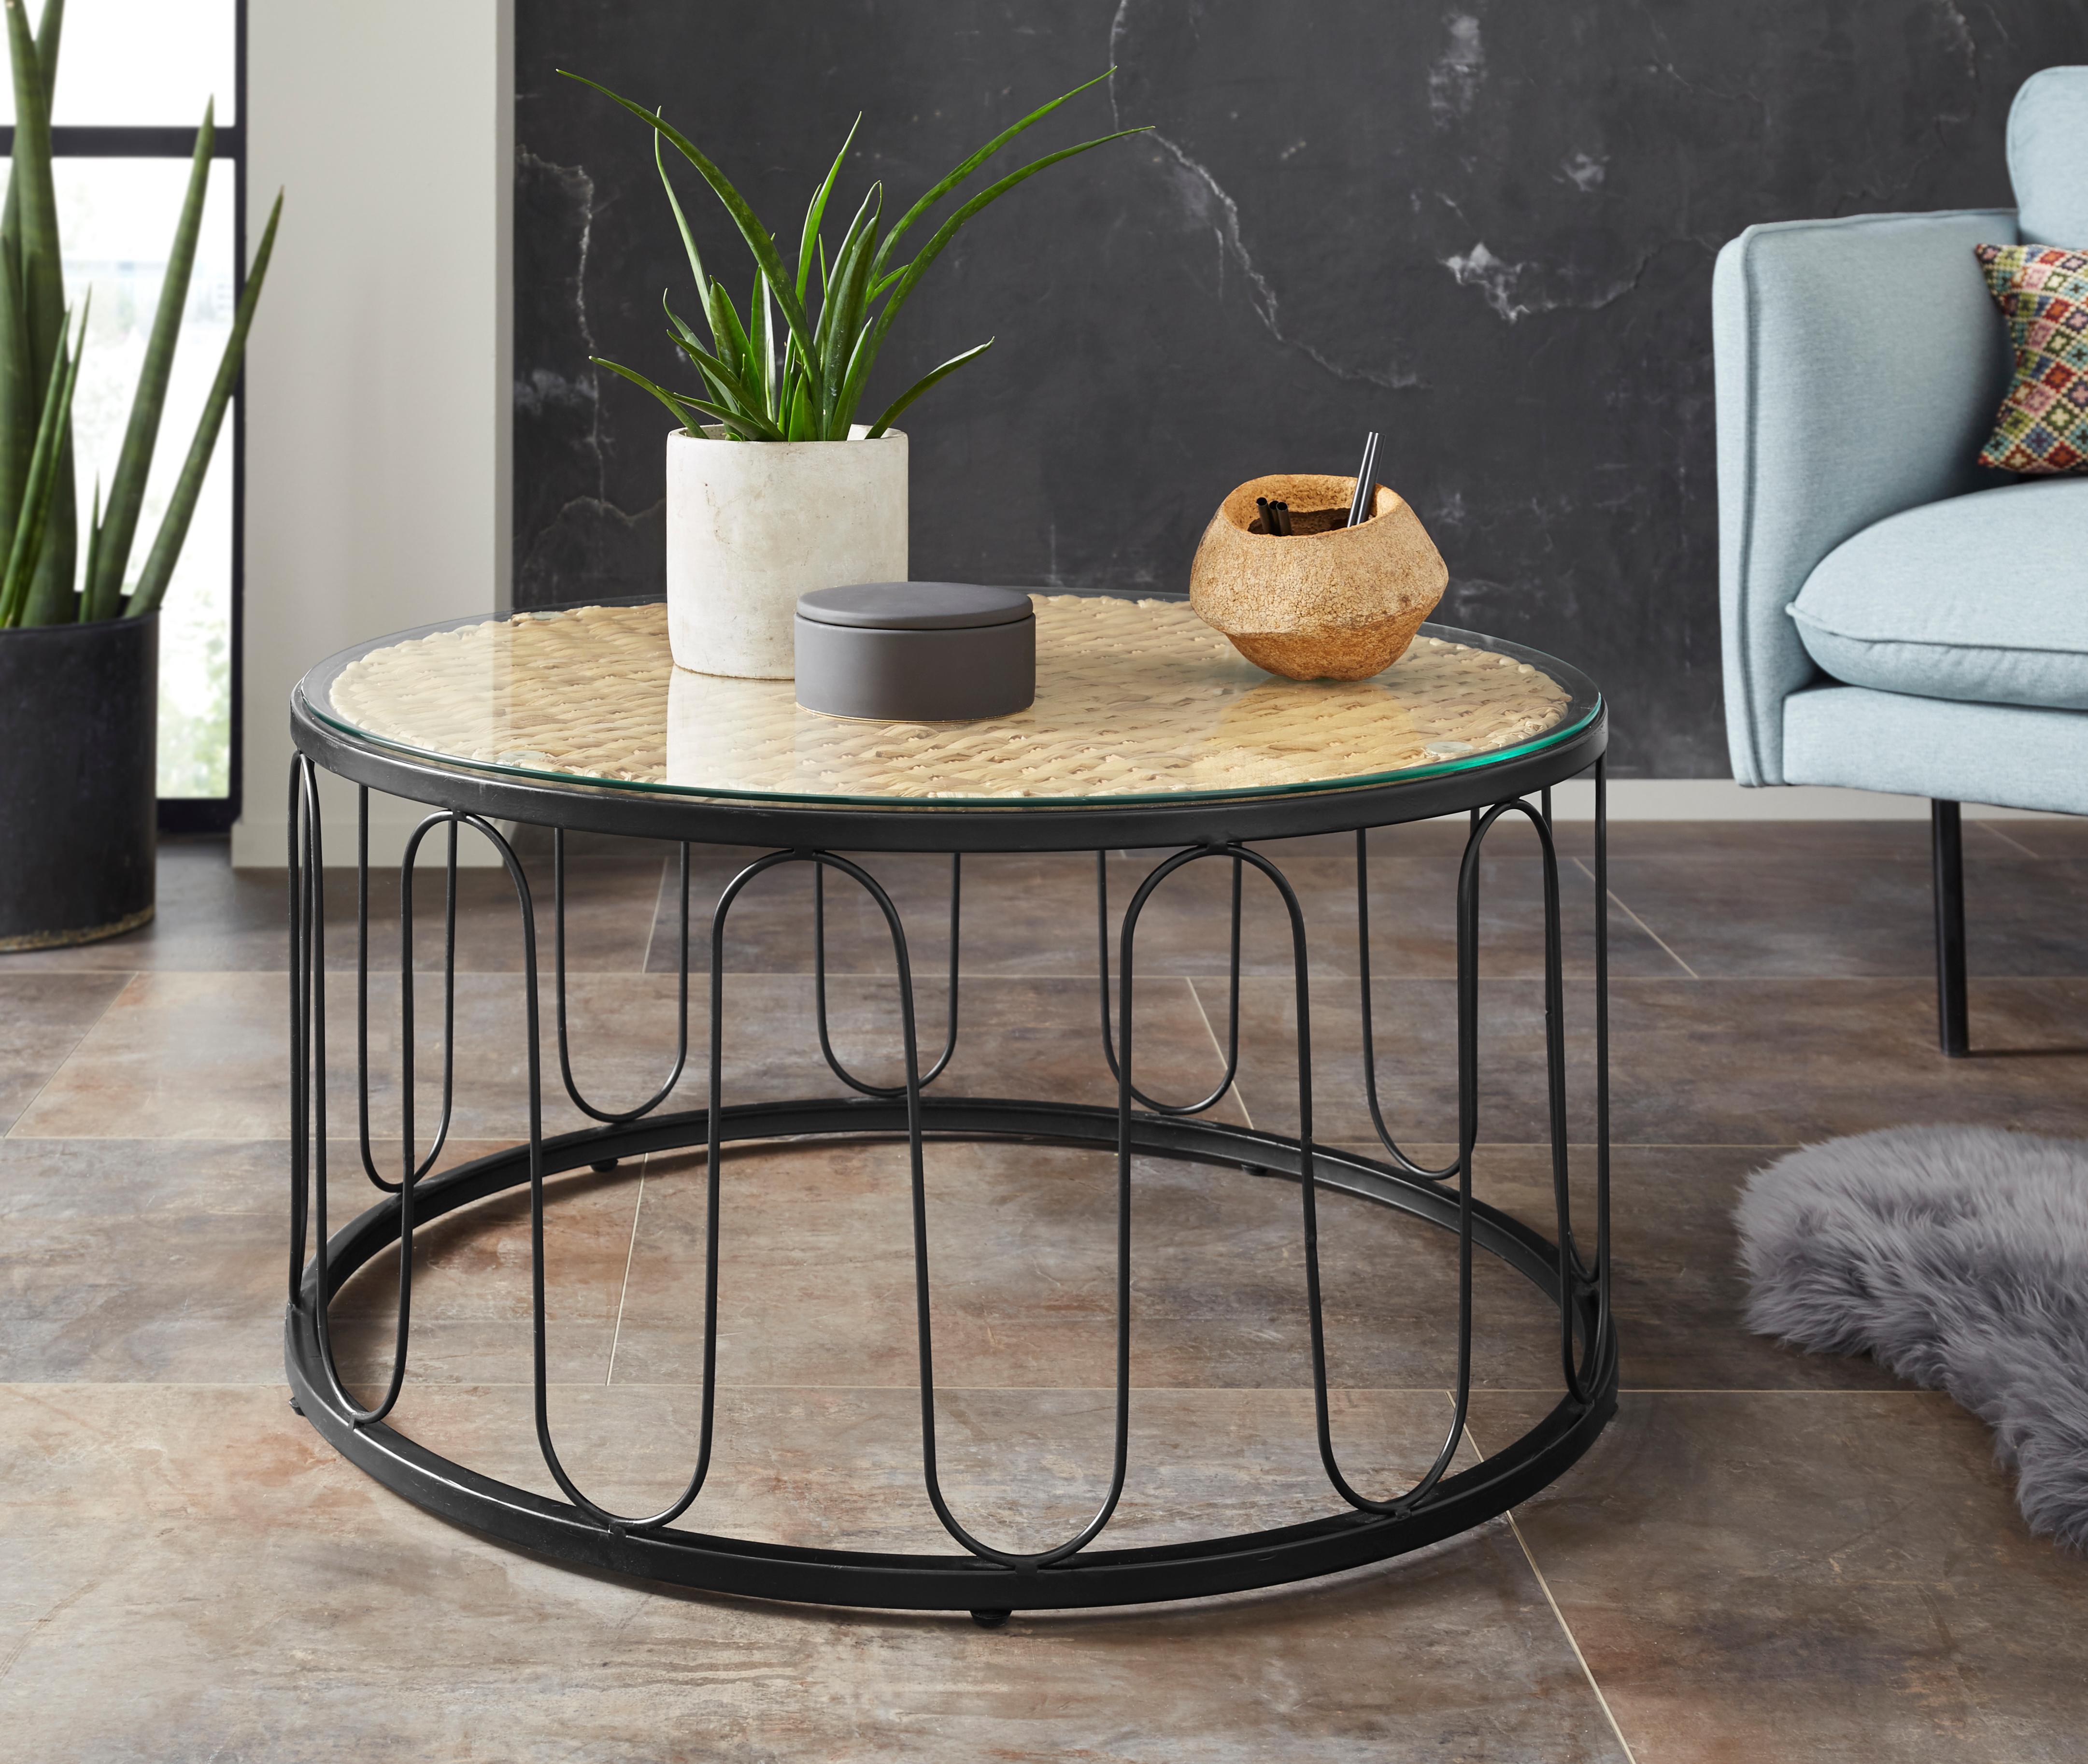 Home affaire Couchtisch | Wohnzimmer > Tische > Couchtische | home affaire